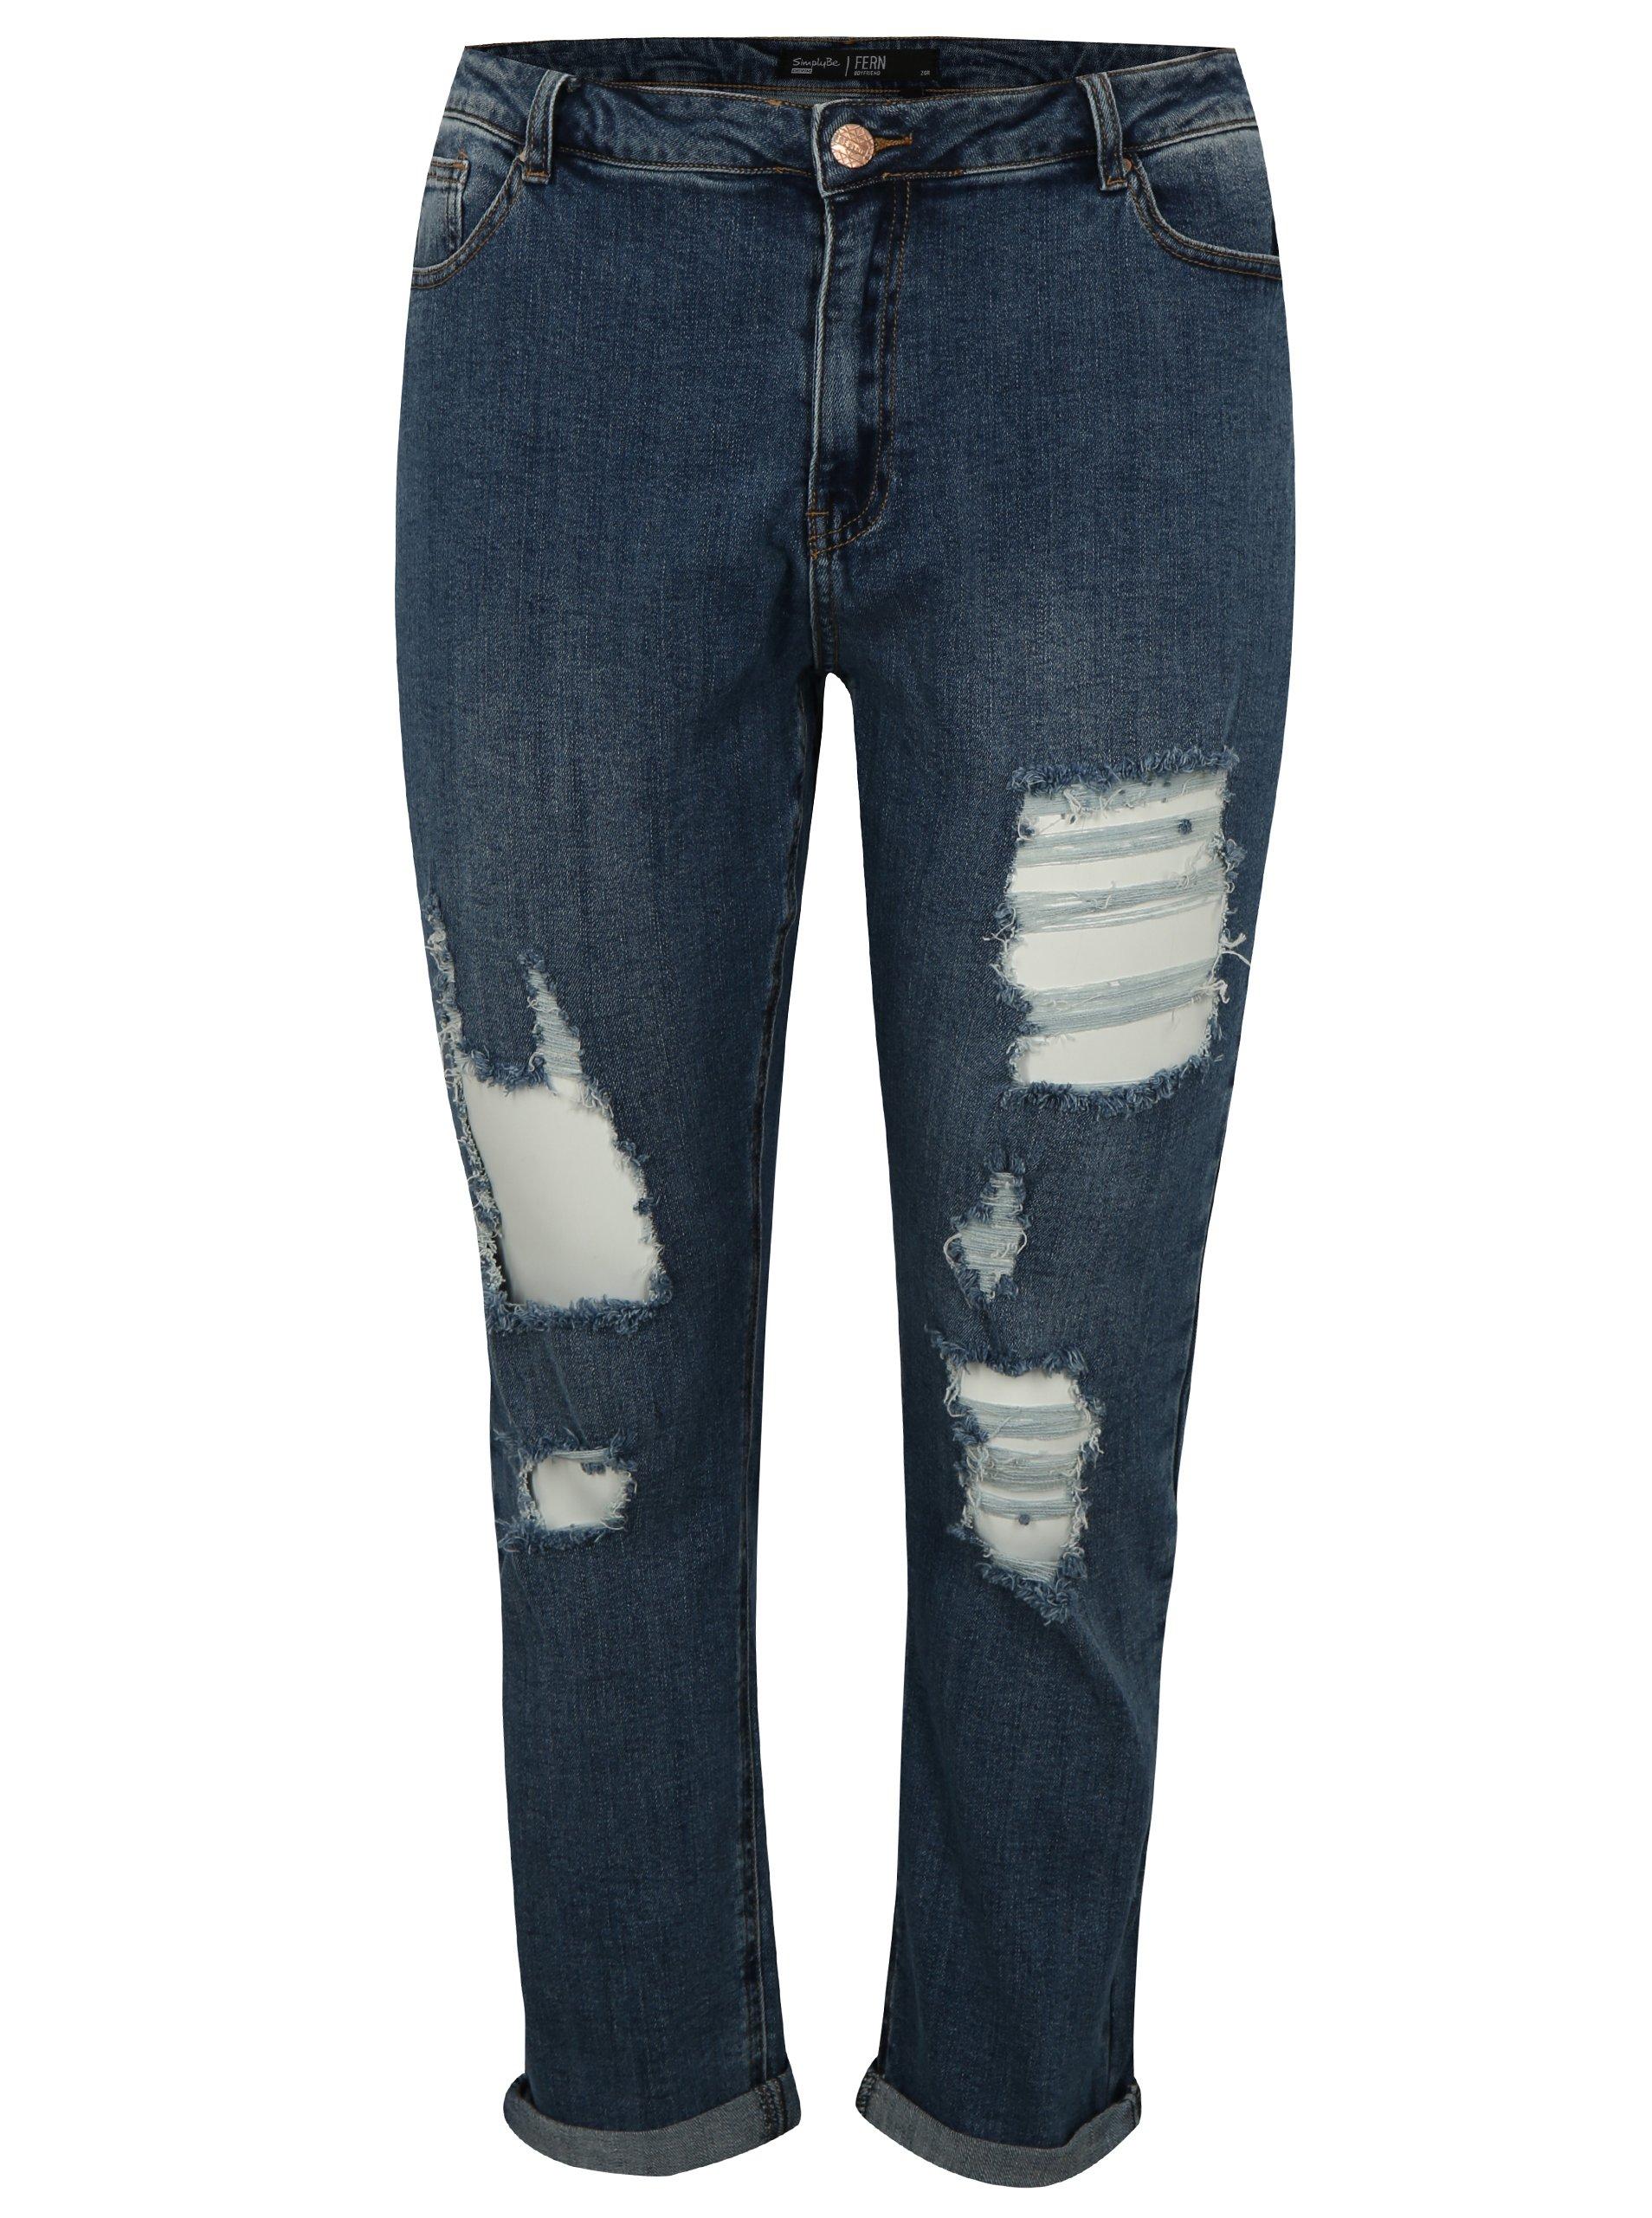 Modré boyfriend zkrácené džíny s potrhaným efektem simply be.